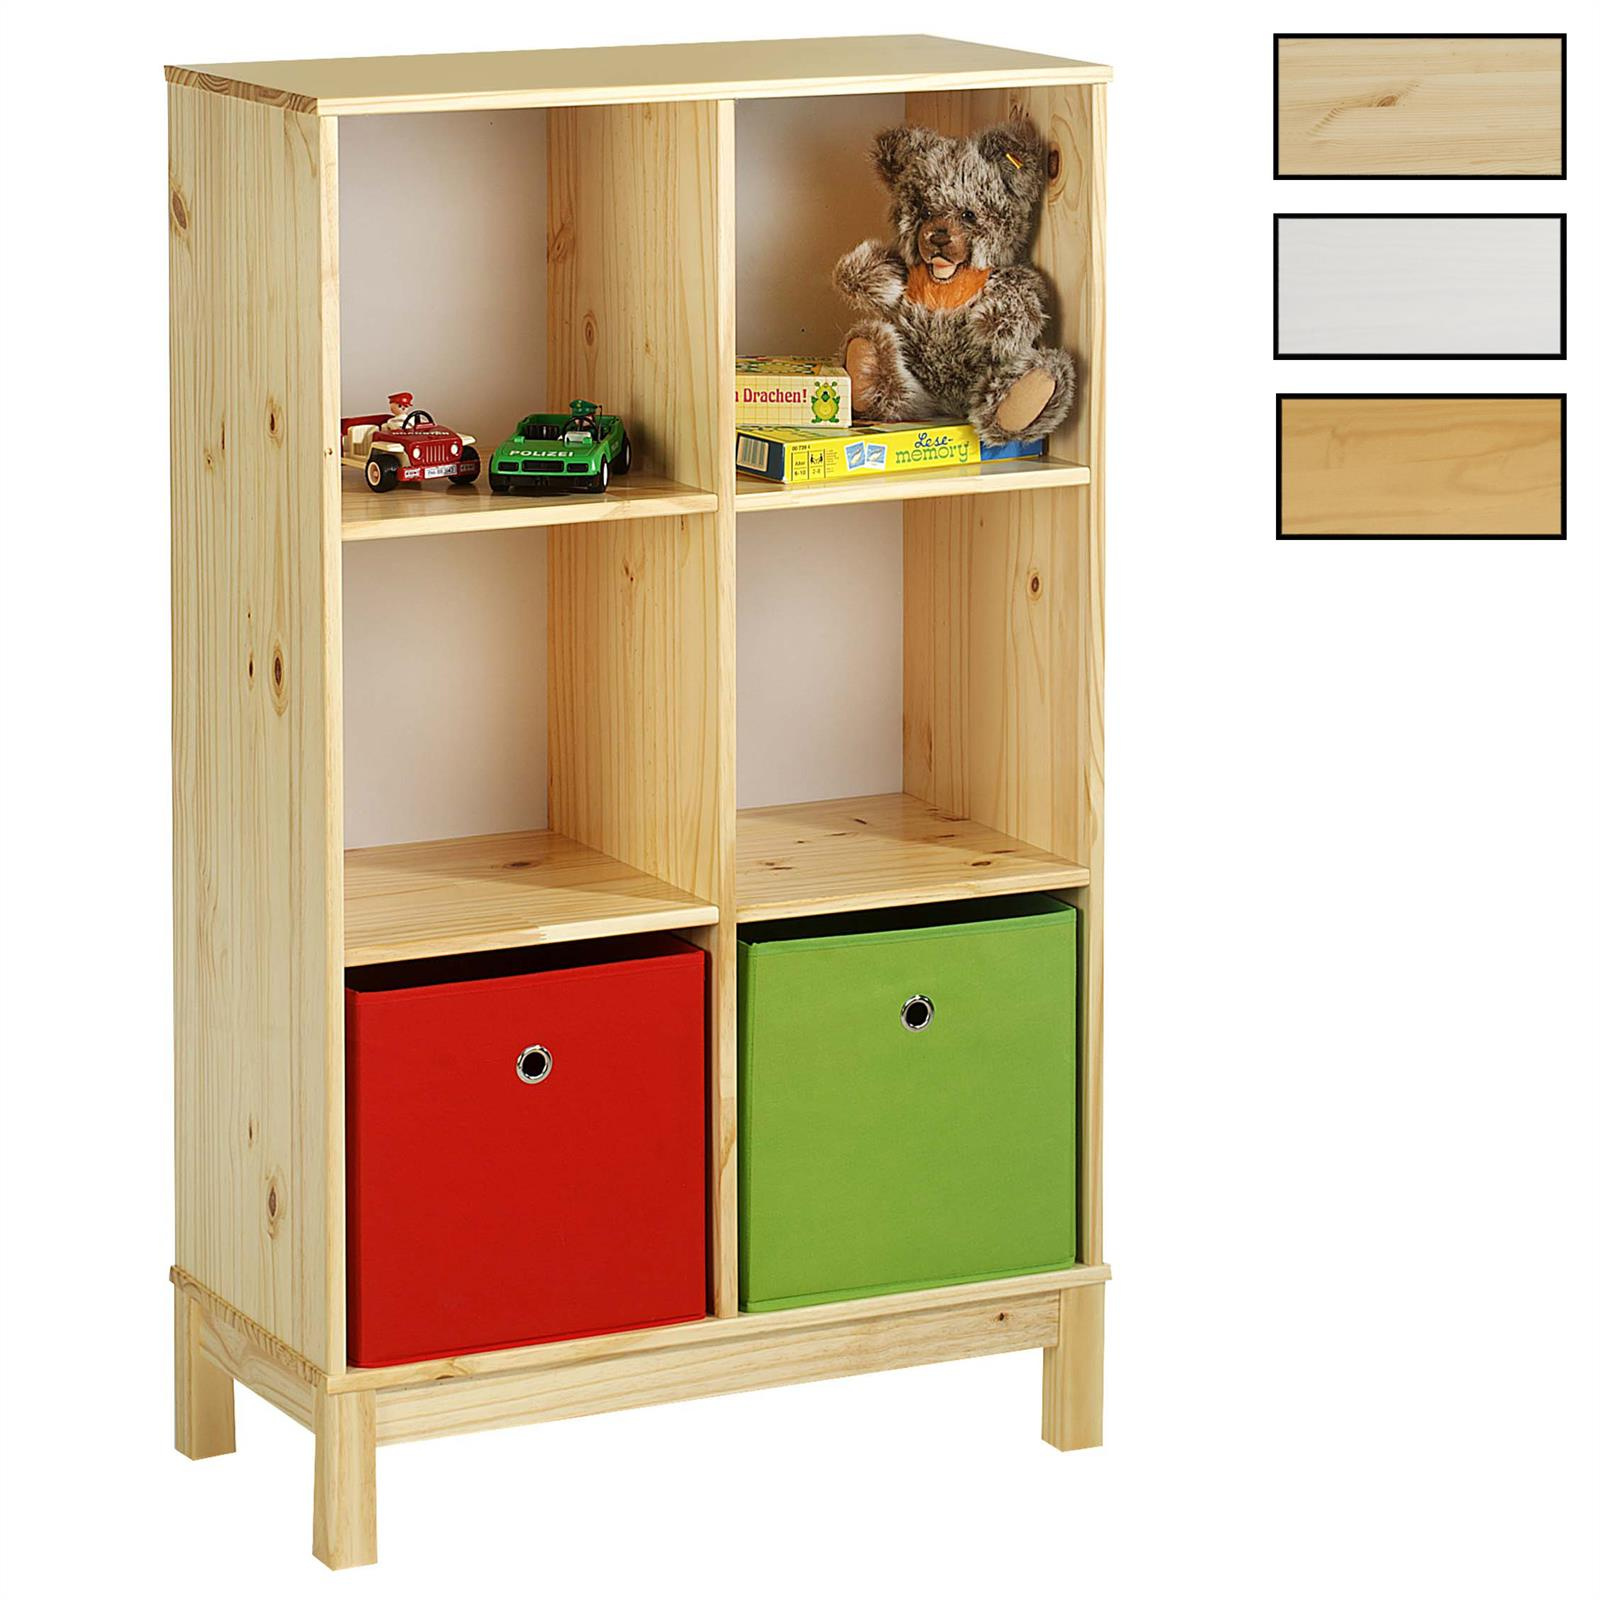 regal standregal logo mit 6 f cher kiefer massiv mobilia24. Black Bedroom Furniture Sets. Home Design Ideas